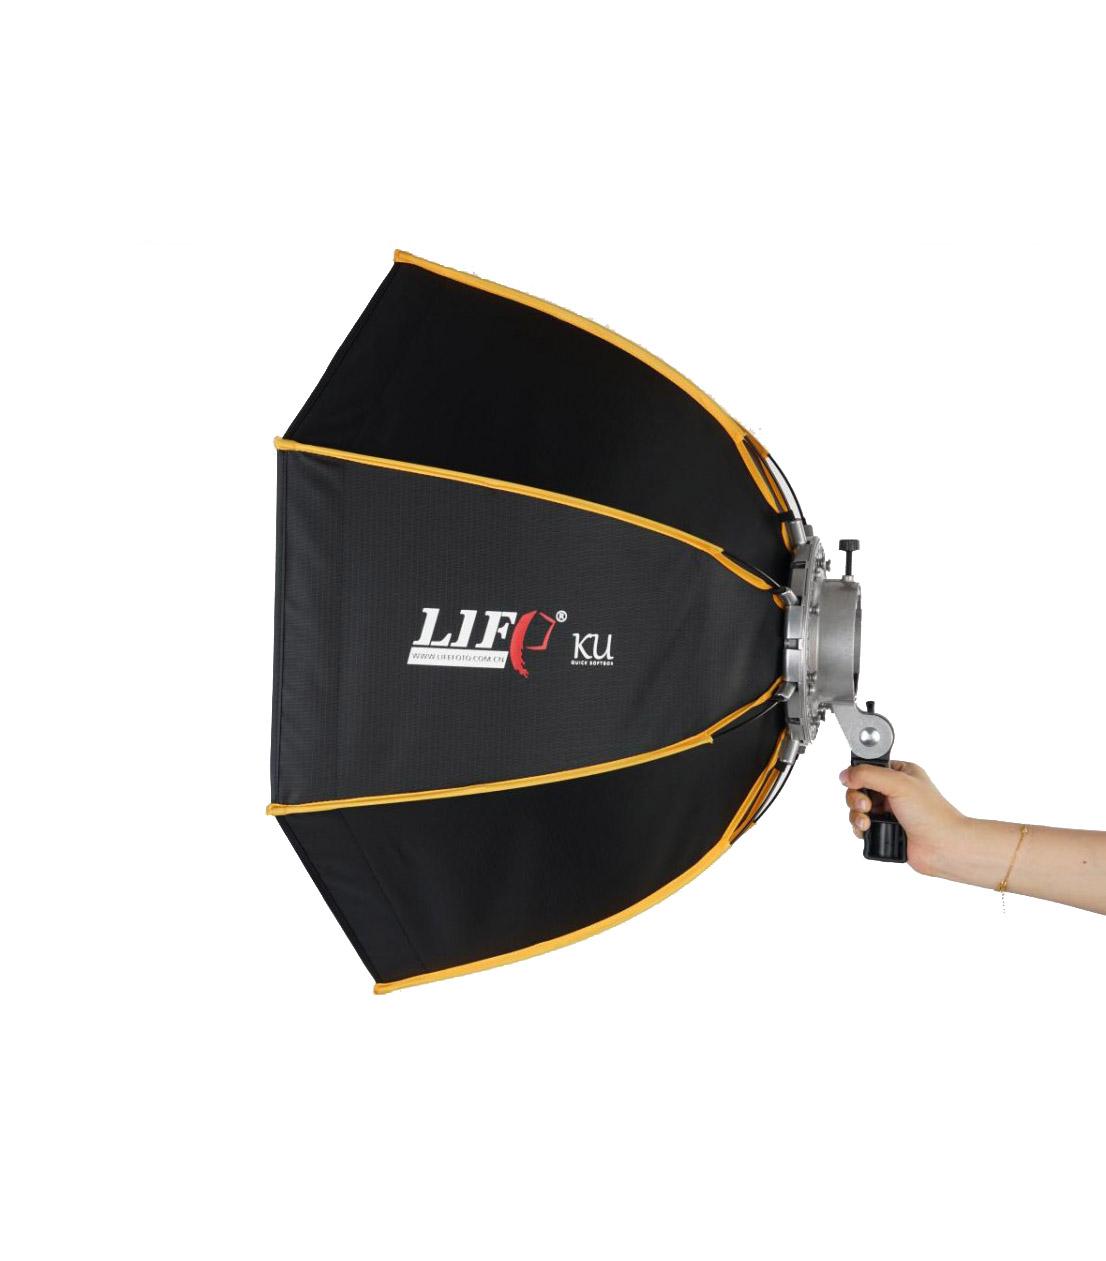 اکتاباکس ۶۰ سانتی متری عمیق KU-V1 مخصوص اسپیدلایت V1 و A1